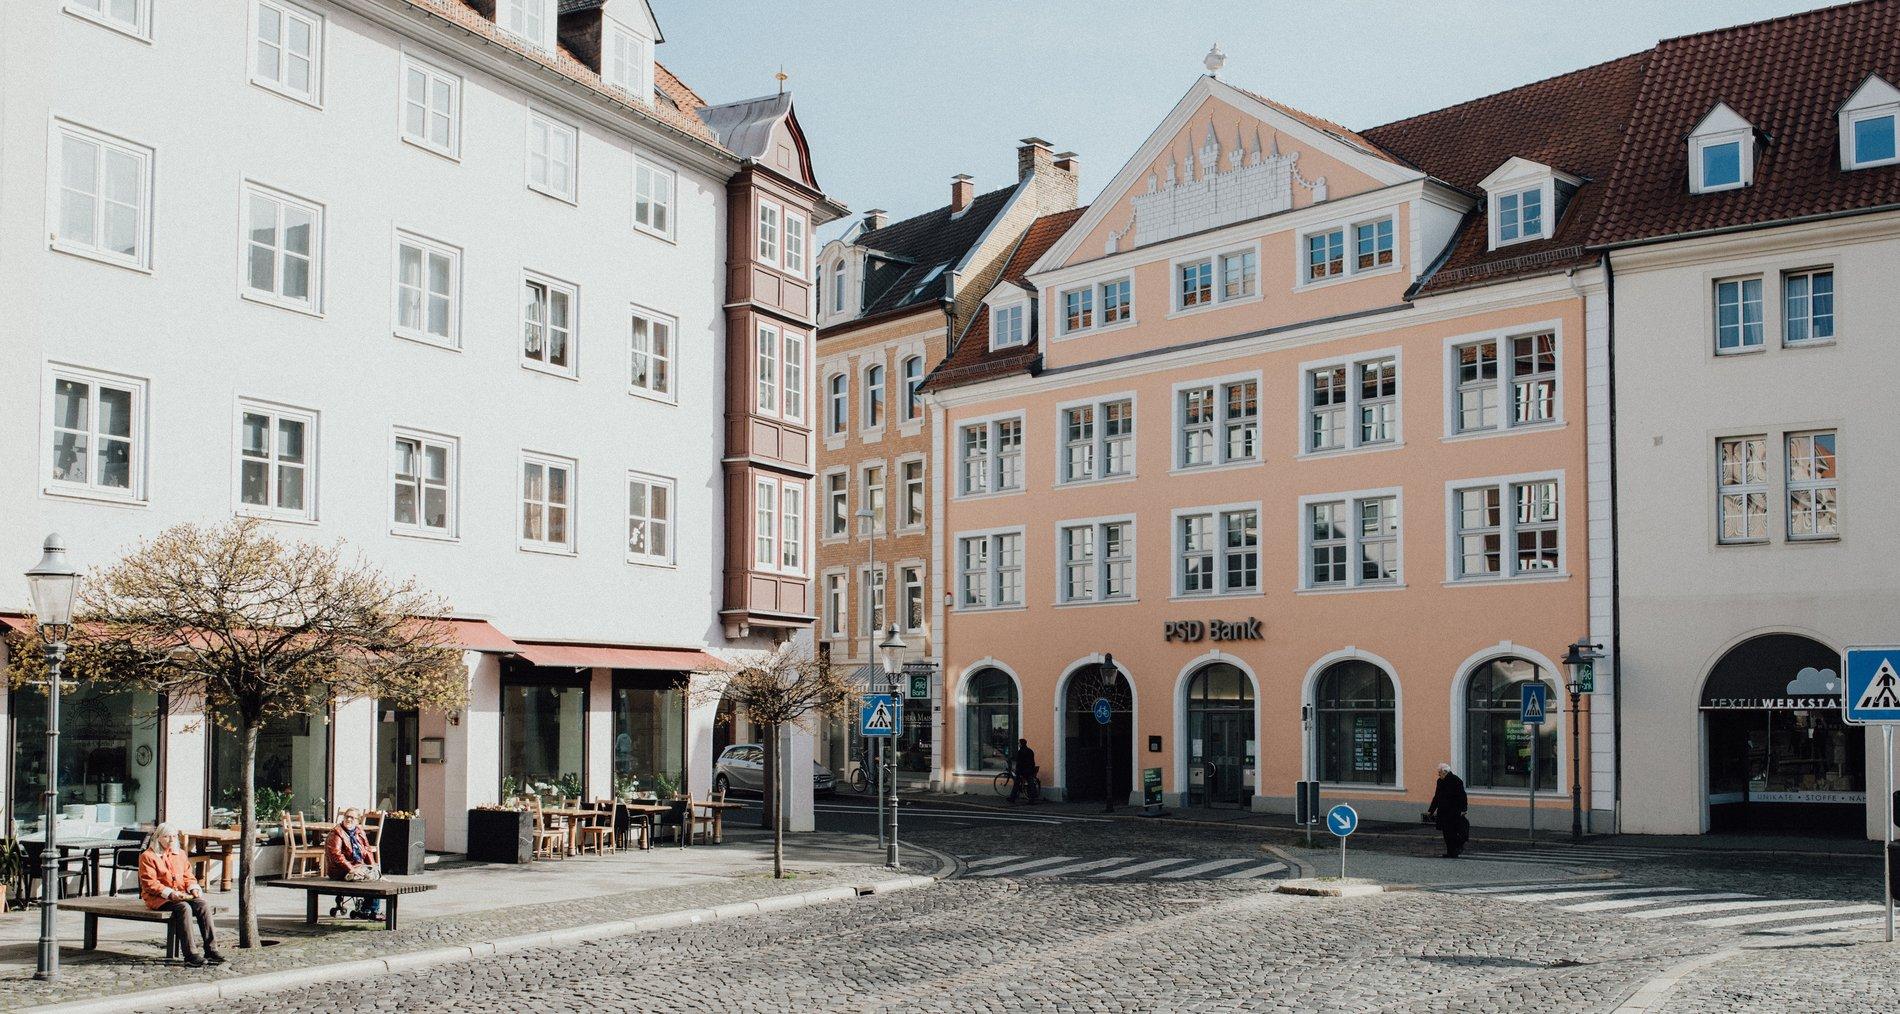 Psd Braunschweig